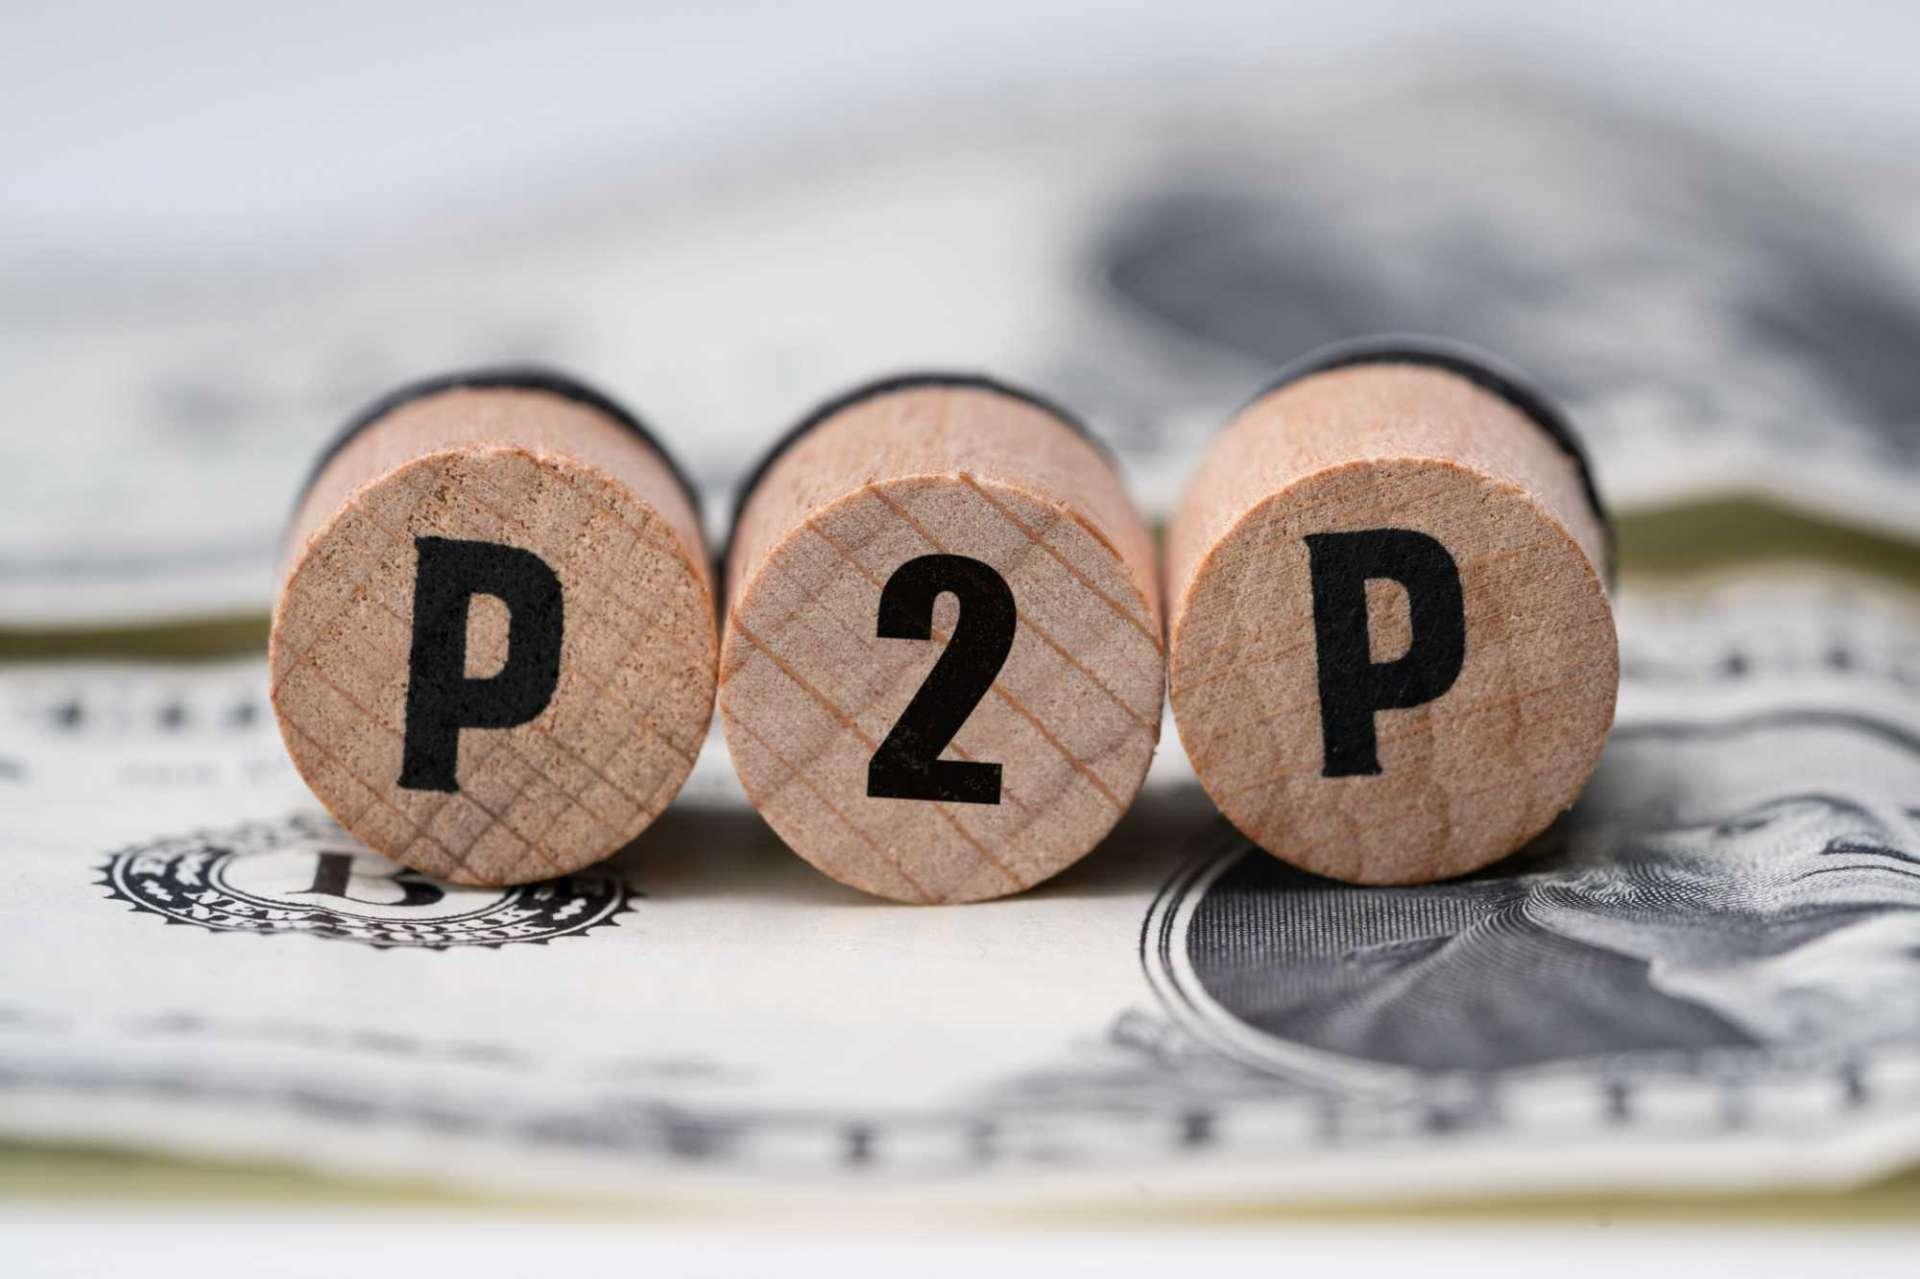 Empréstimo online UPP – Veja como simular